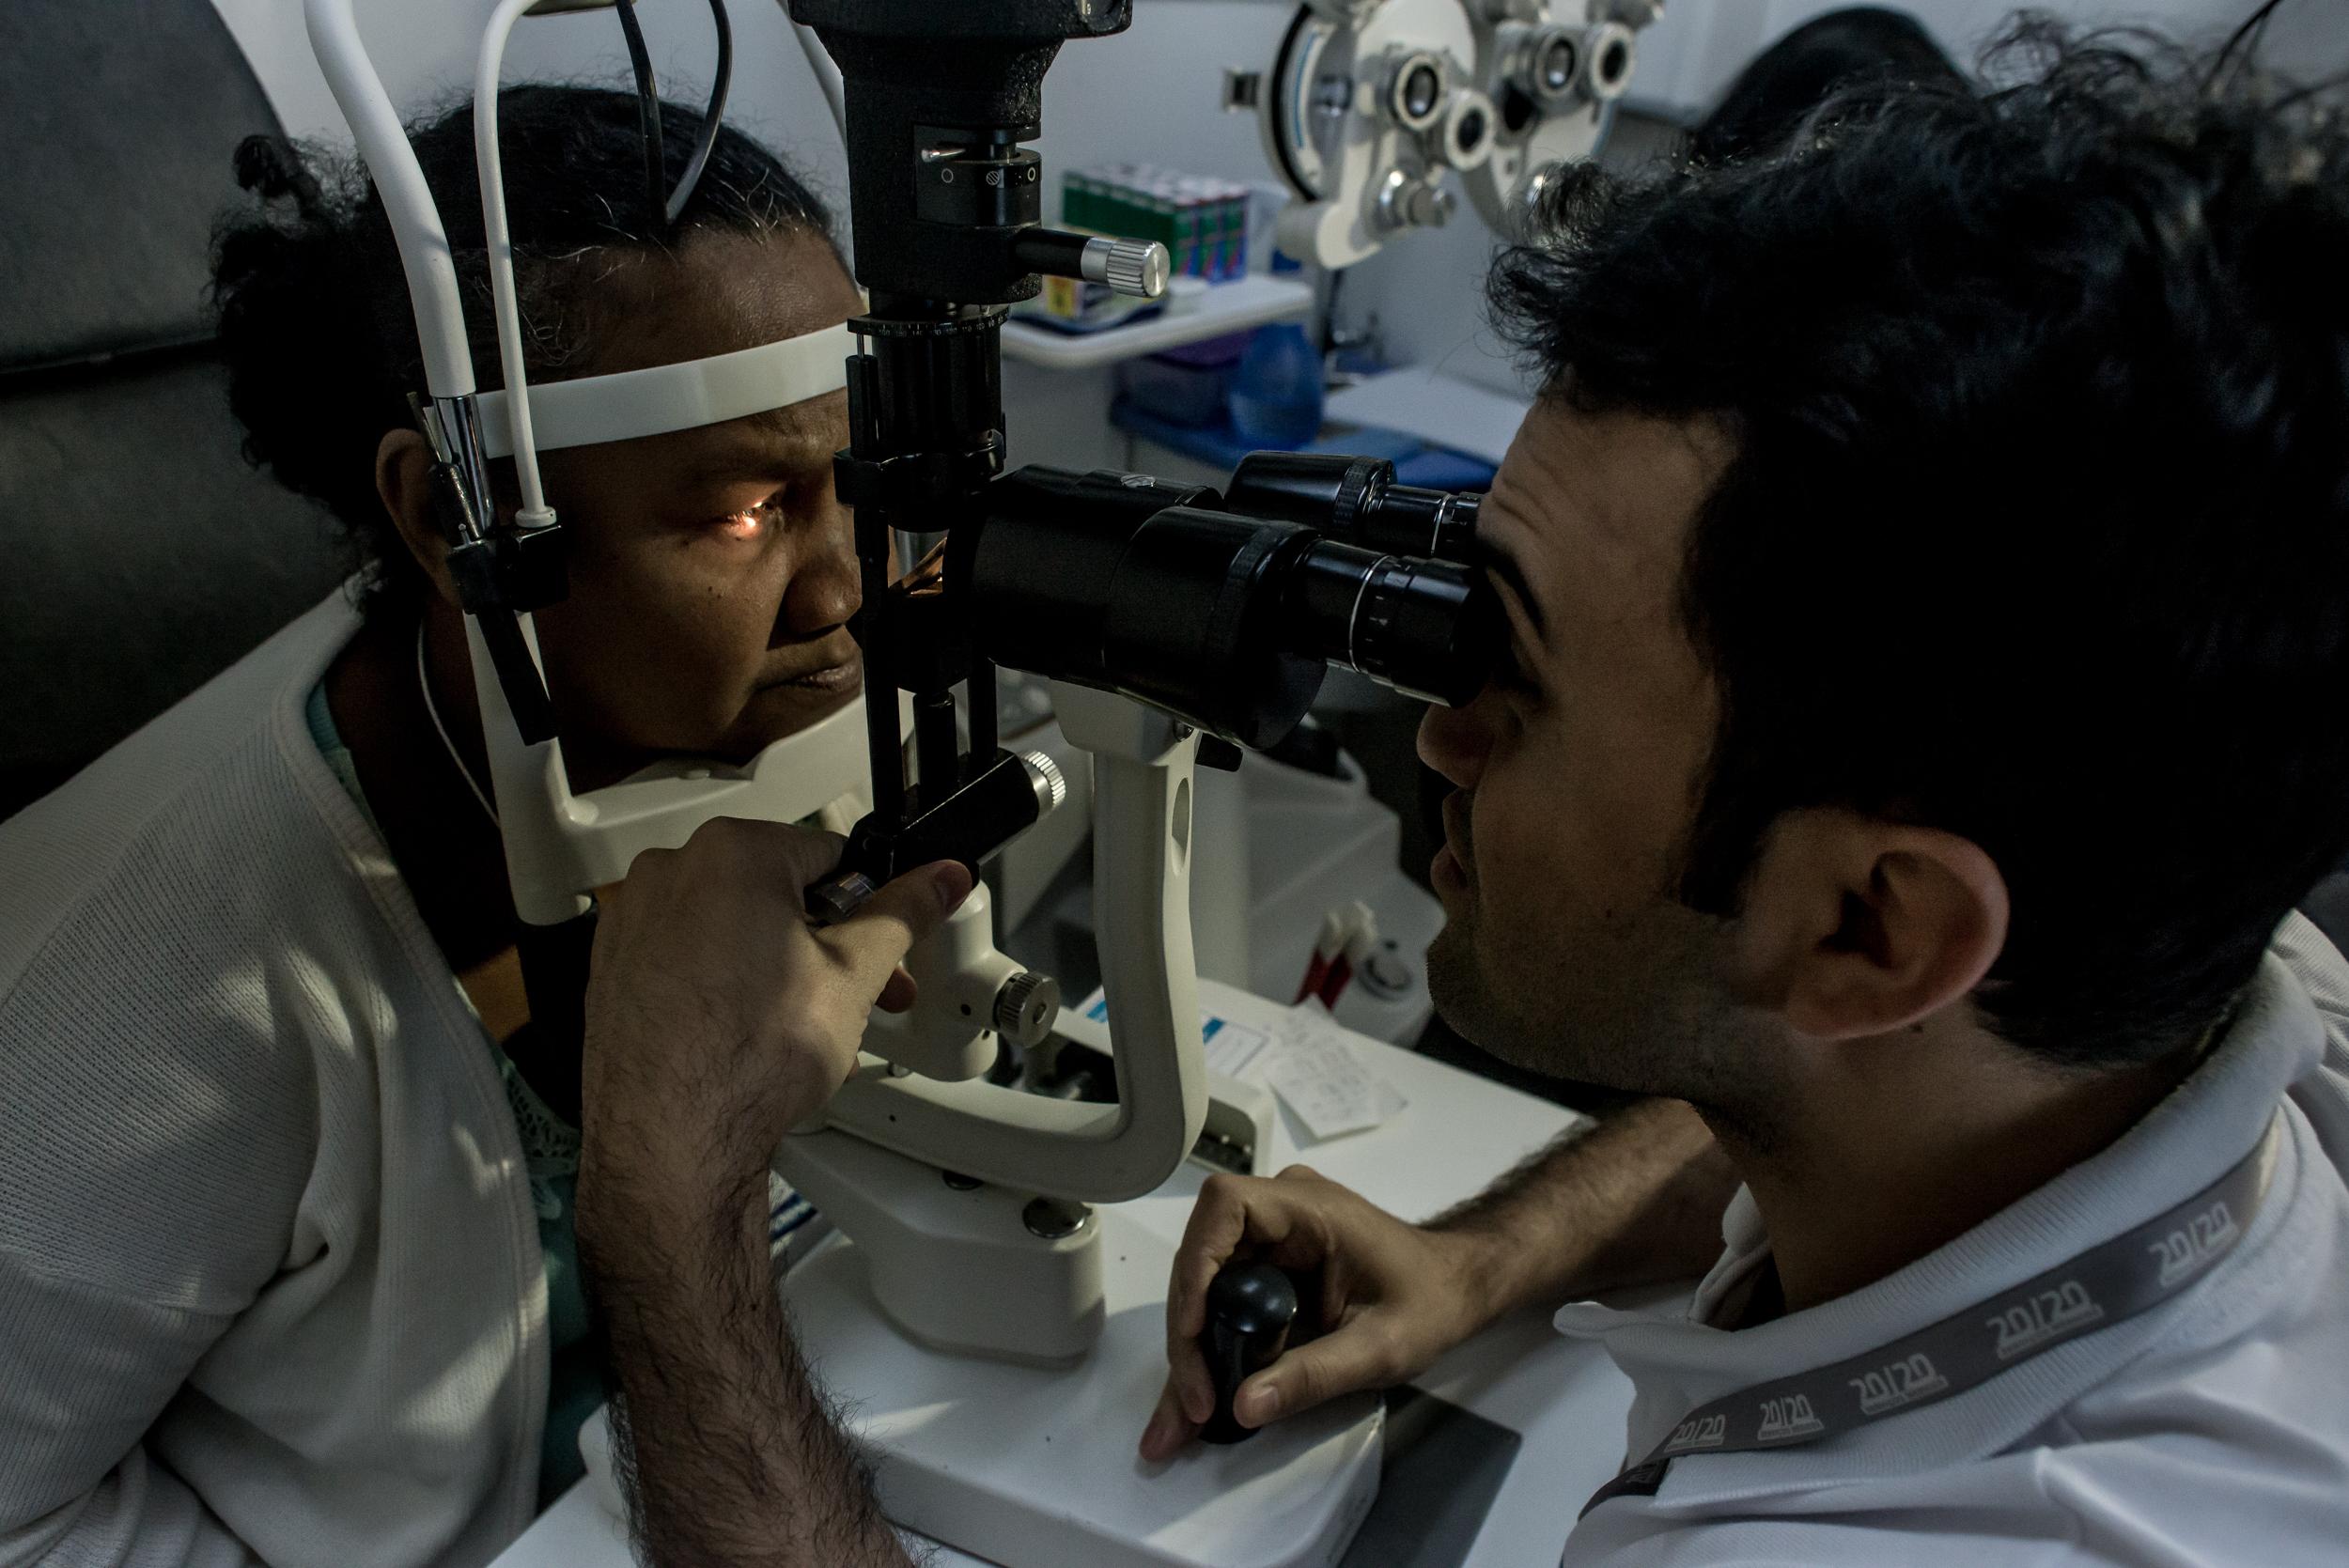 Saúde - geral - consulta médicos pacientes oftalmologia visão exames cataratas